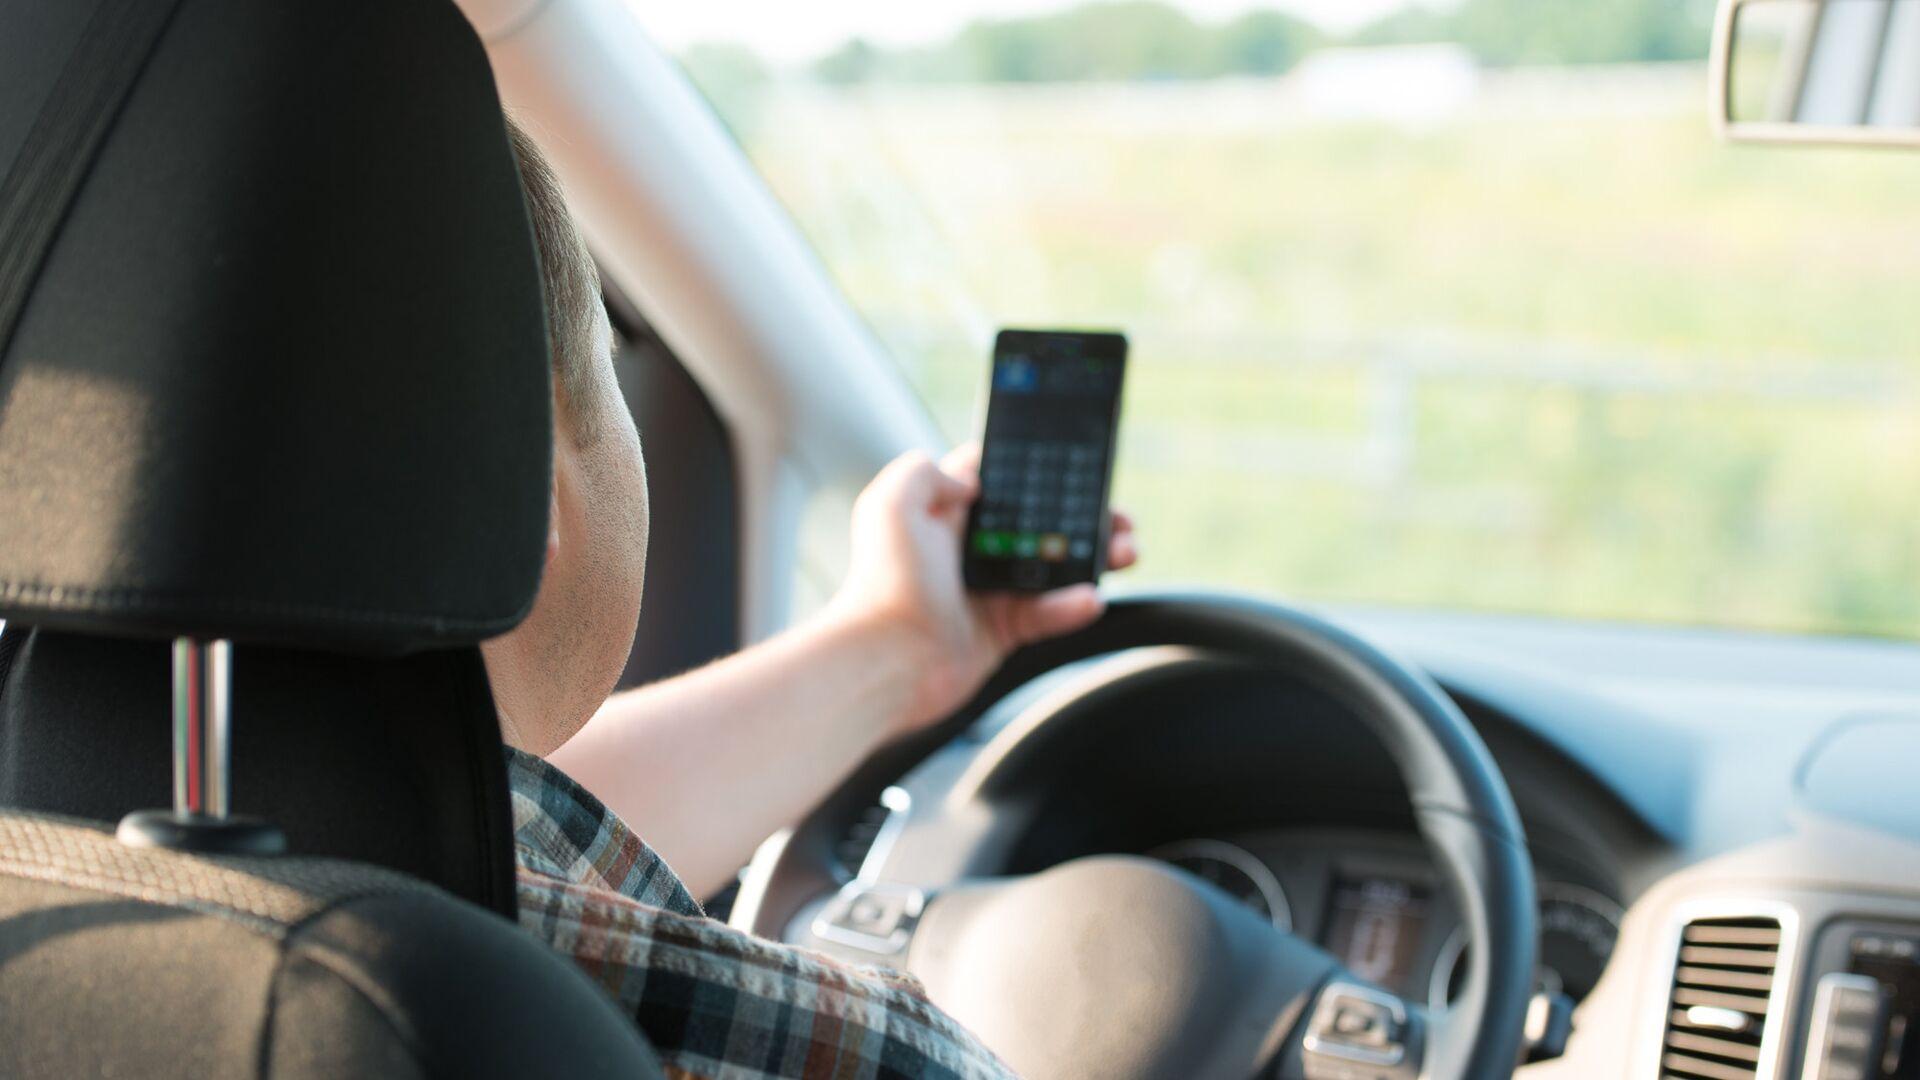 Молодой человек пользуется мобильным телефоном за рулем автомобиля - РИА Новости, 1920, 12.08.2021